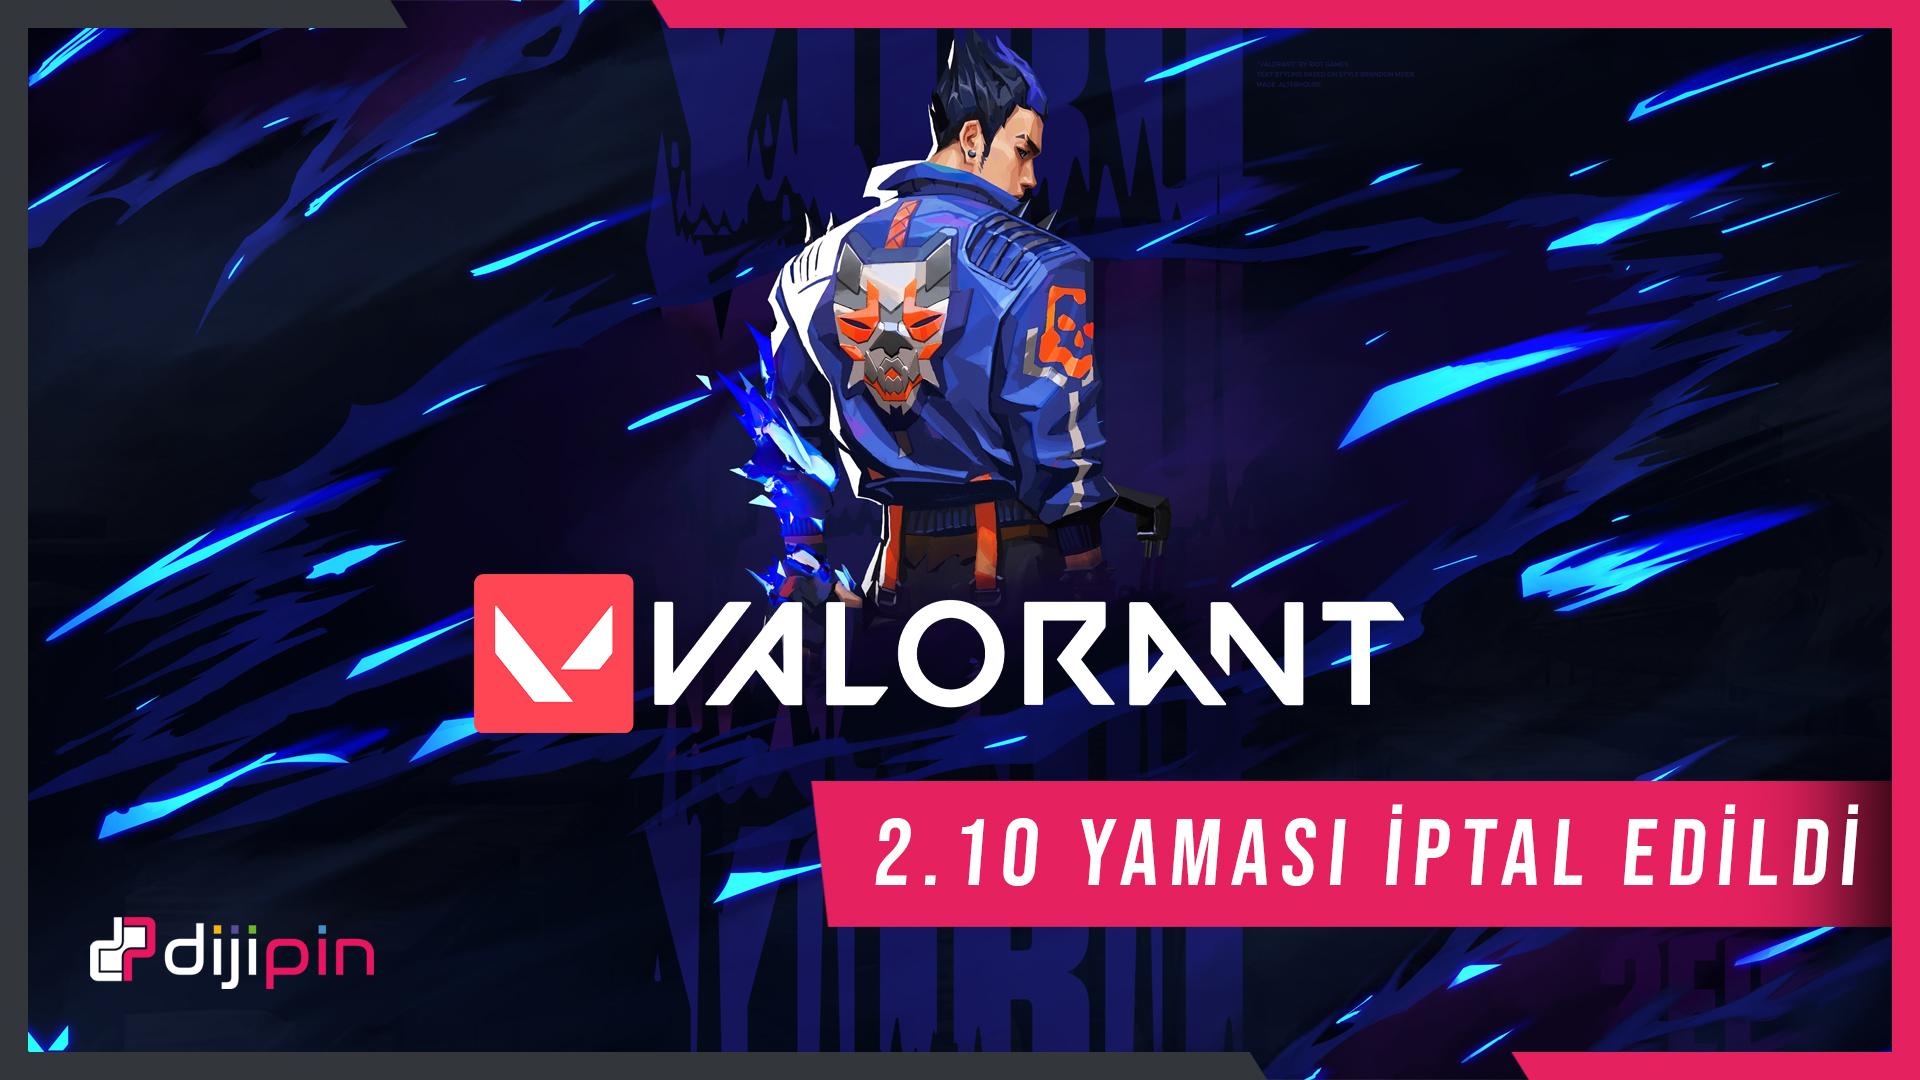 Valorant 2.10 Yaması İptal Edildi!